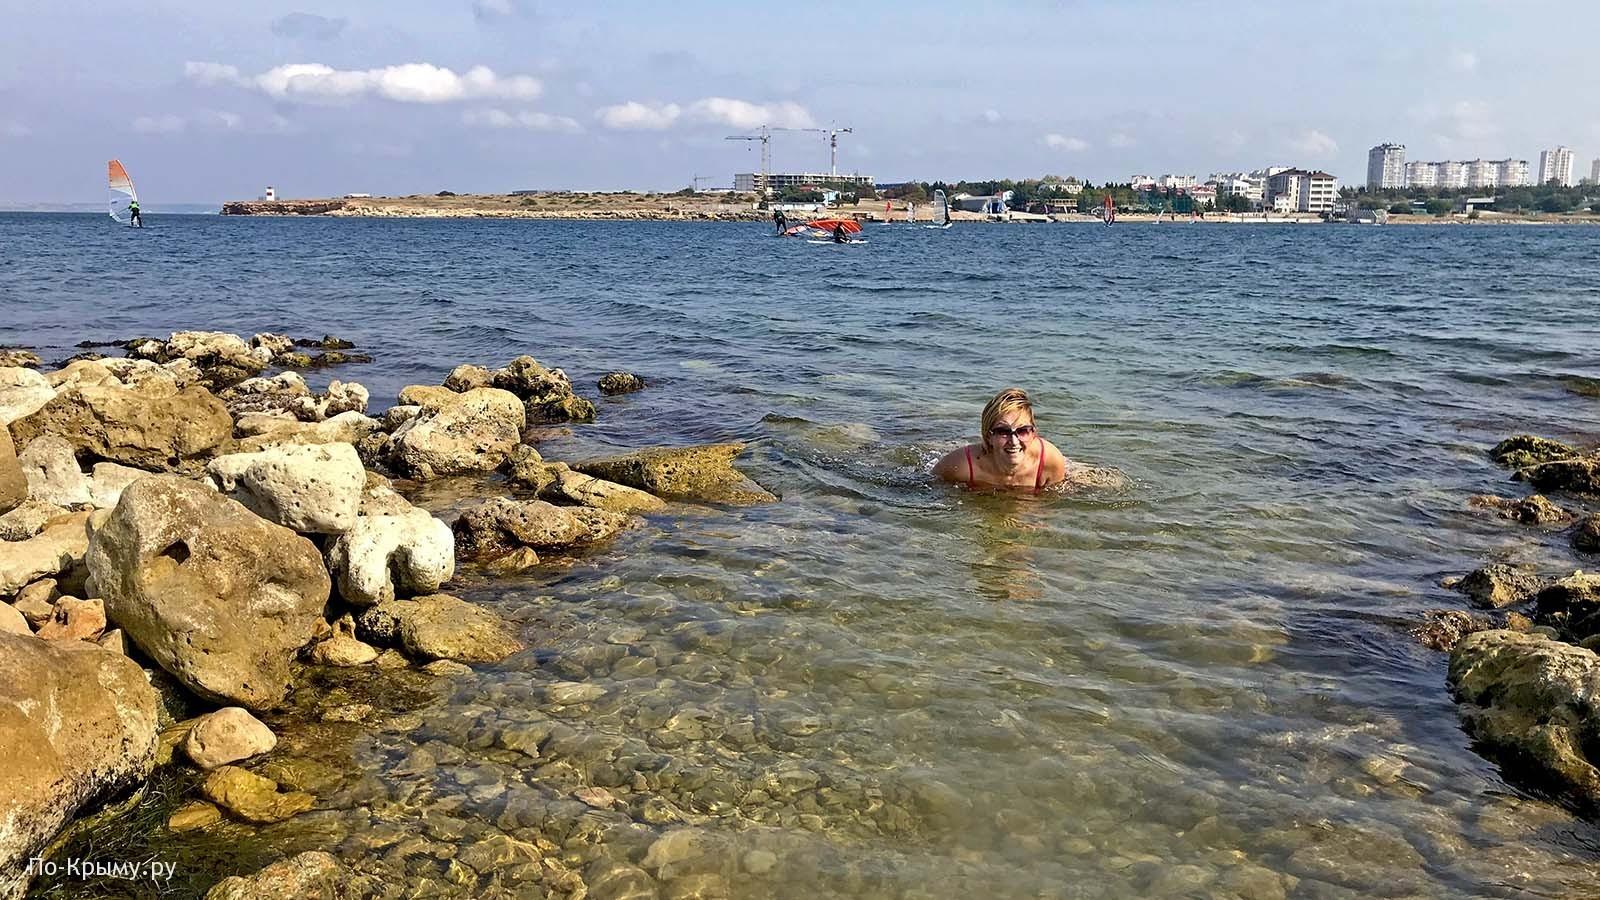 Дикие пляжи бухты Круглая, Севастополь